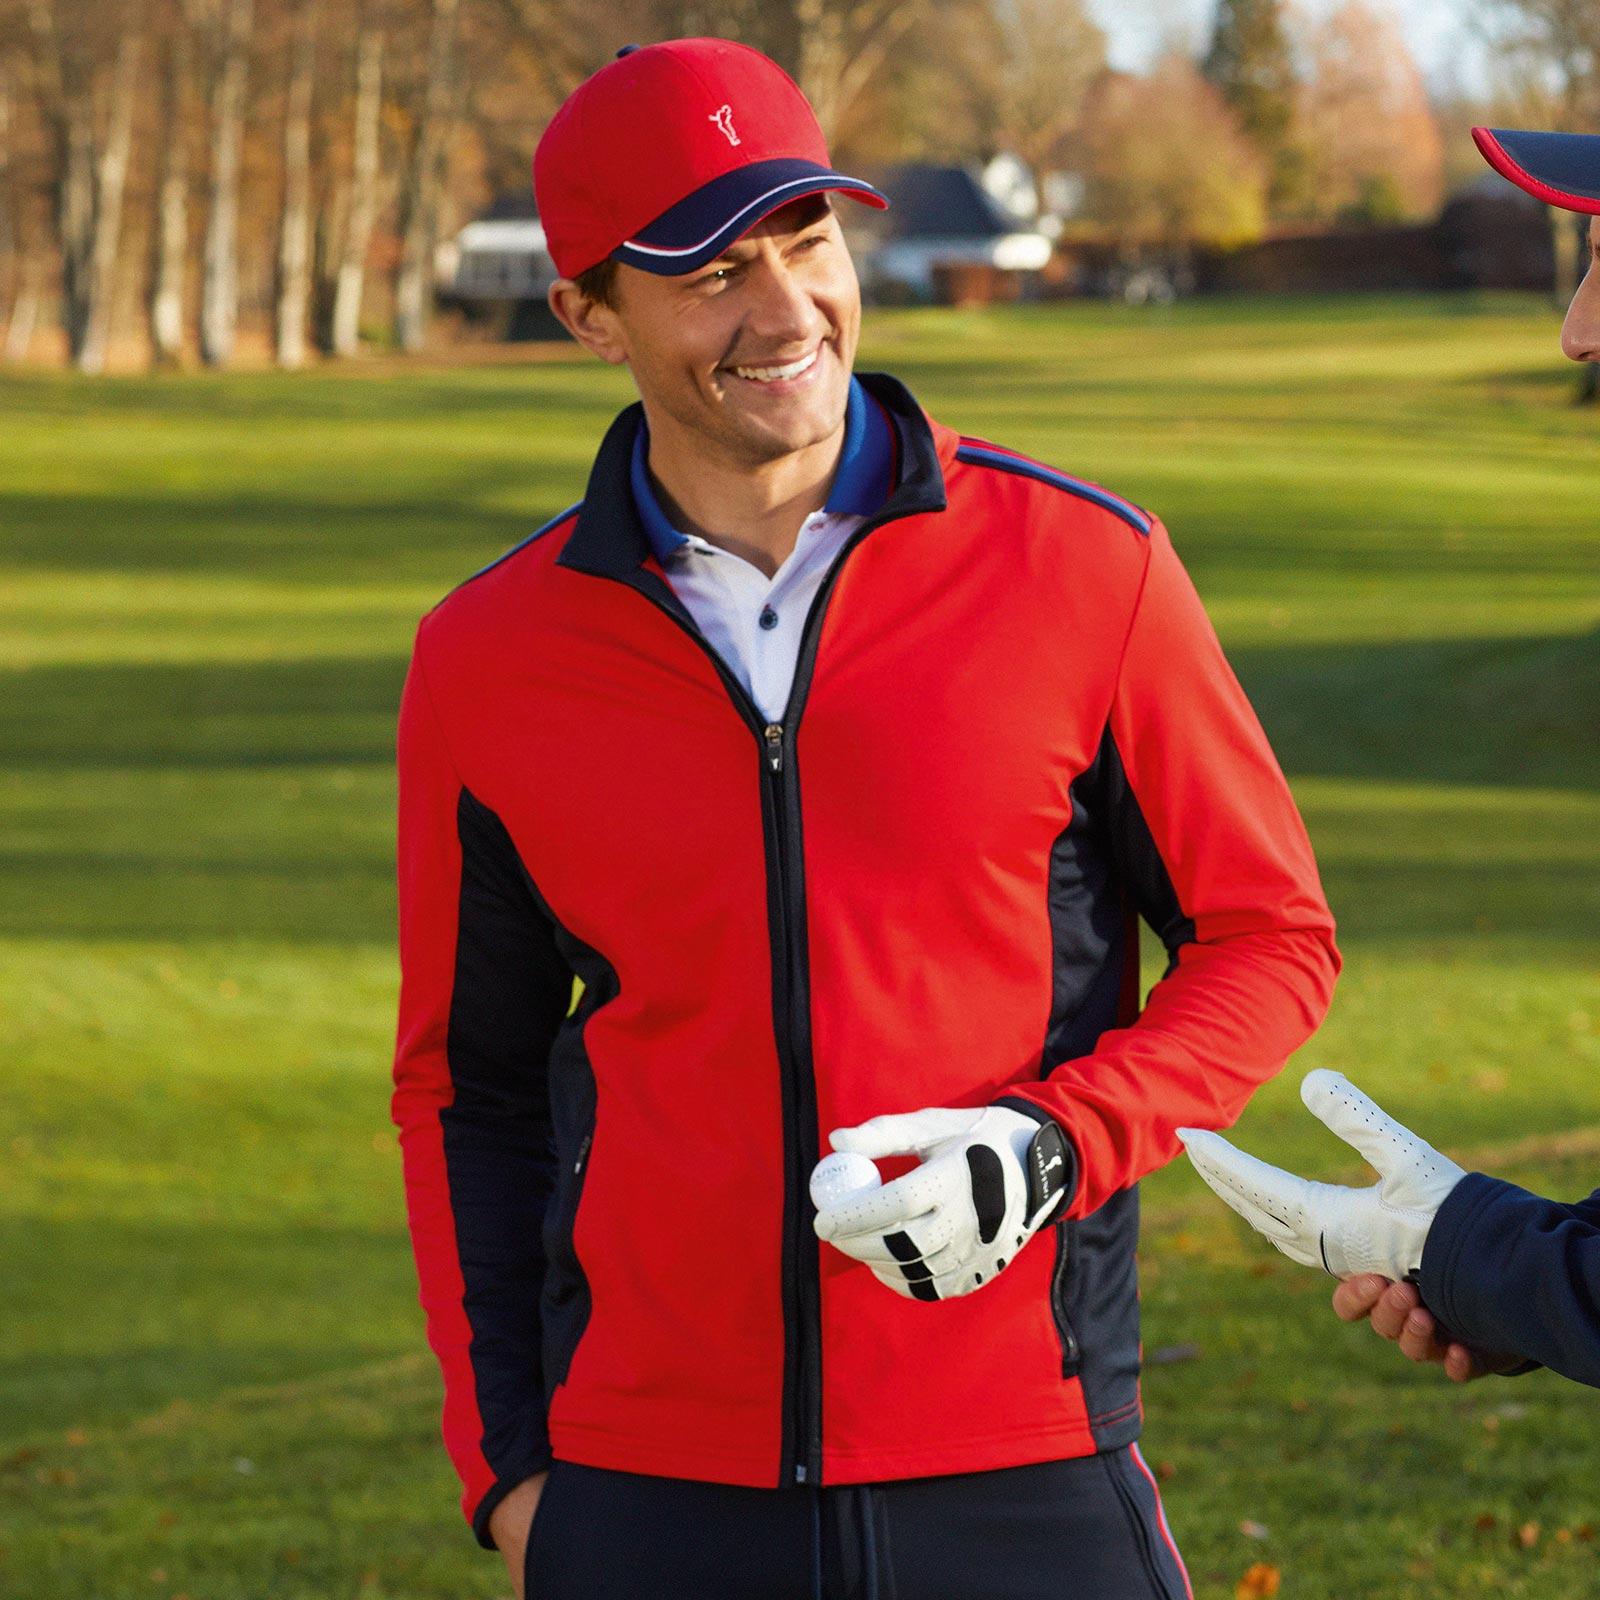 Herren Komfort-Golfjacke mit Moisture Management